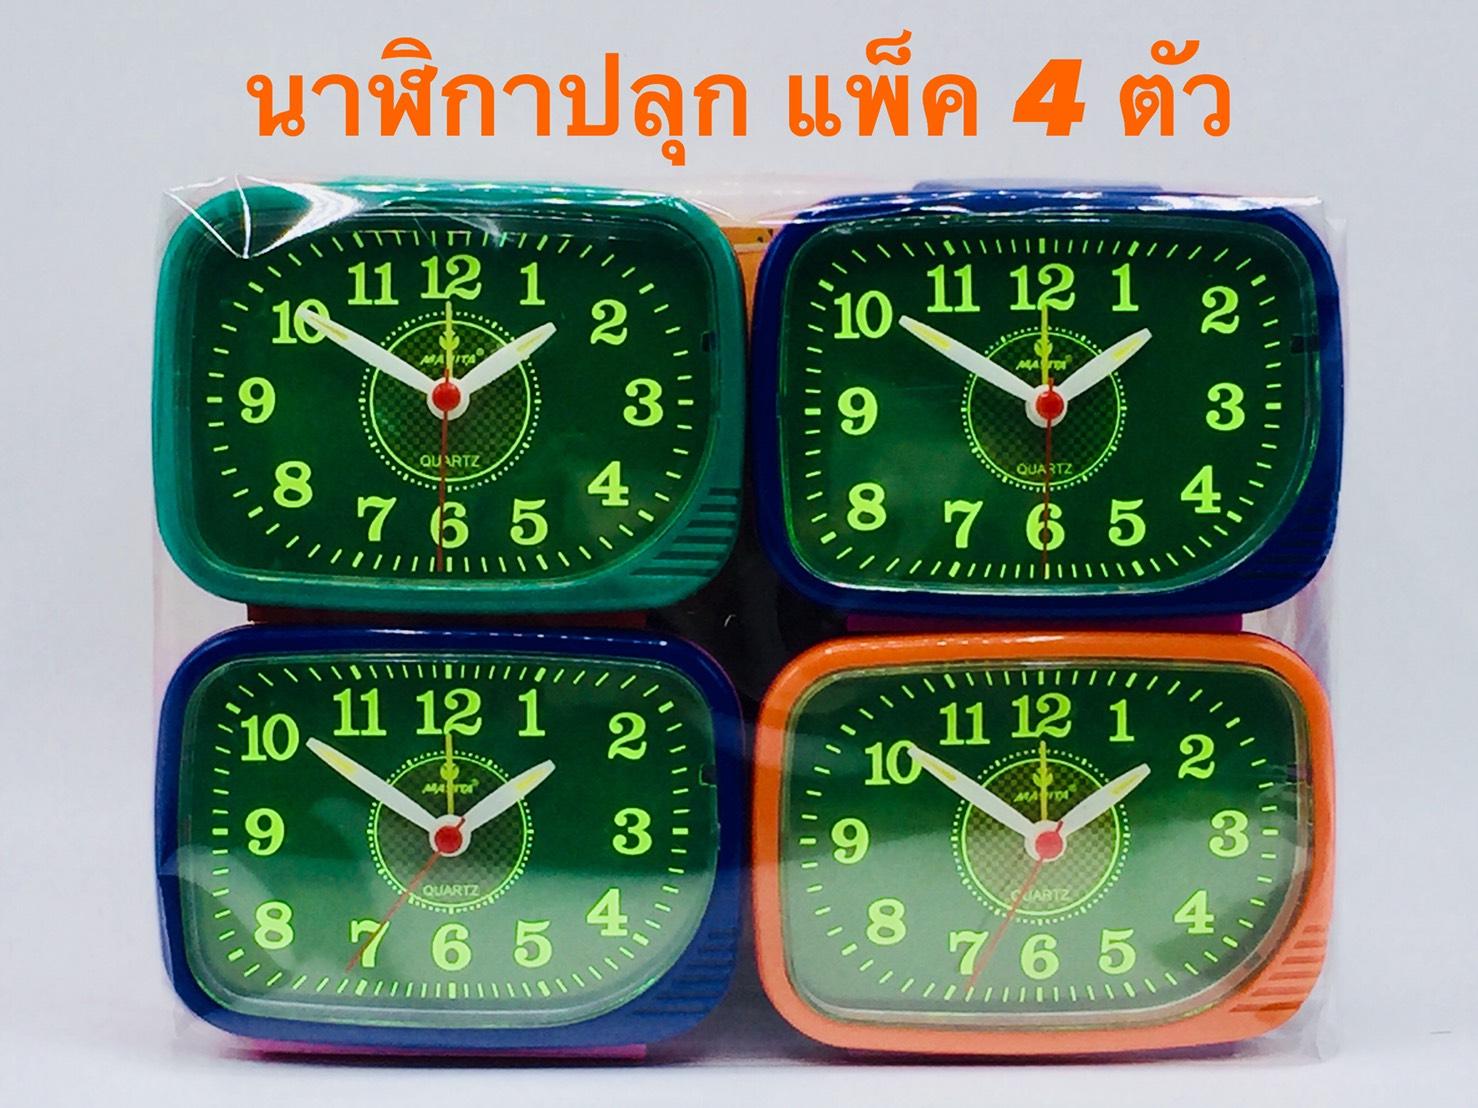 นาฬิกาปลุกตั้งโต๊ะ แพ็ค 4 ตัว หน้าดำ ปุ่มบน เหลี่ยม